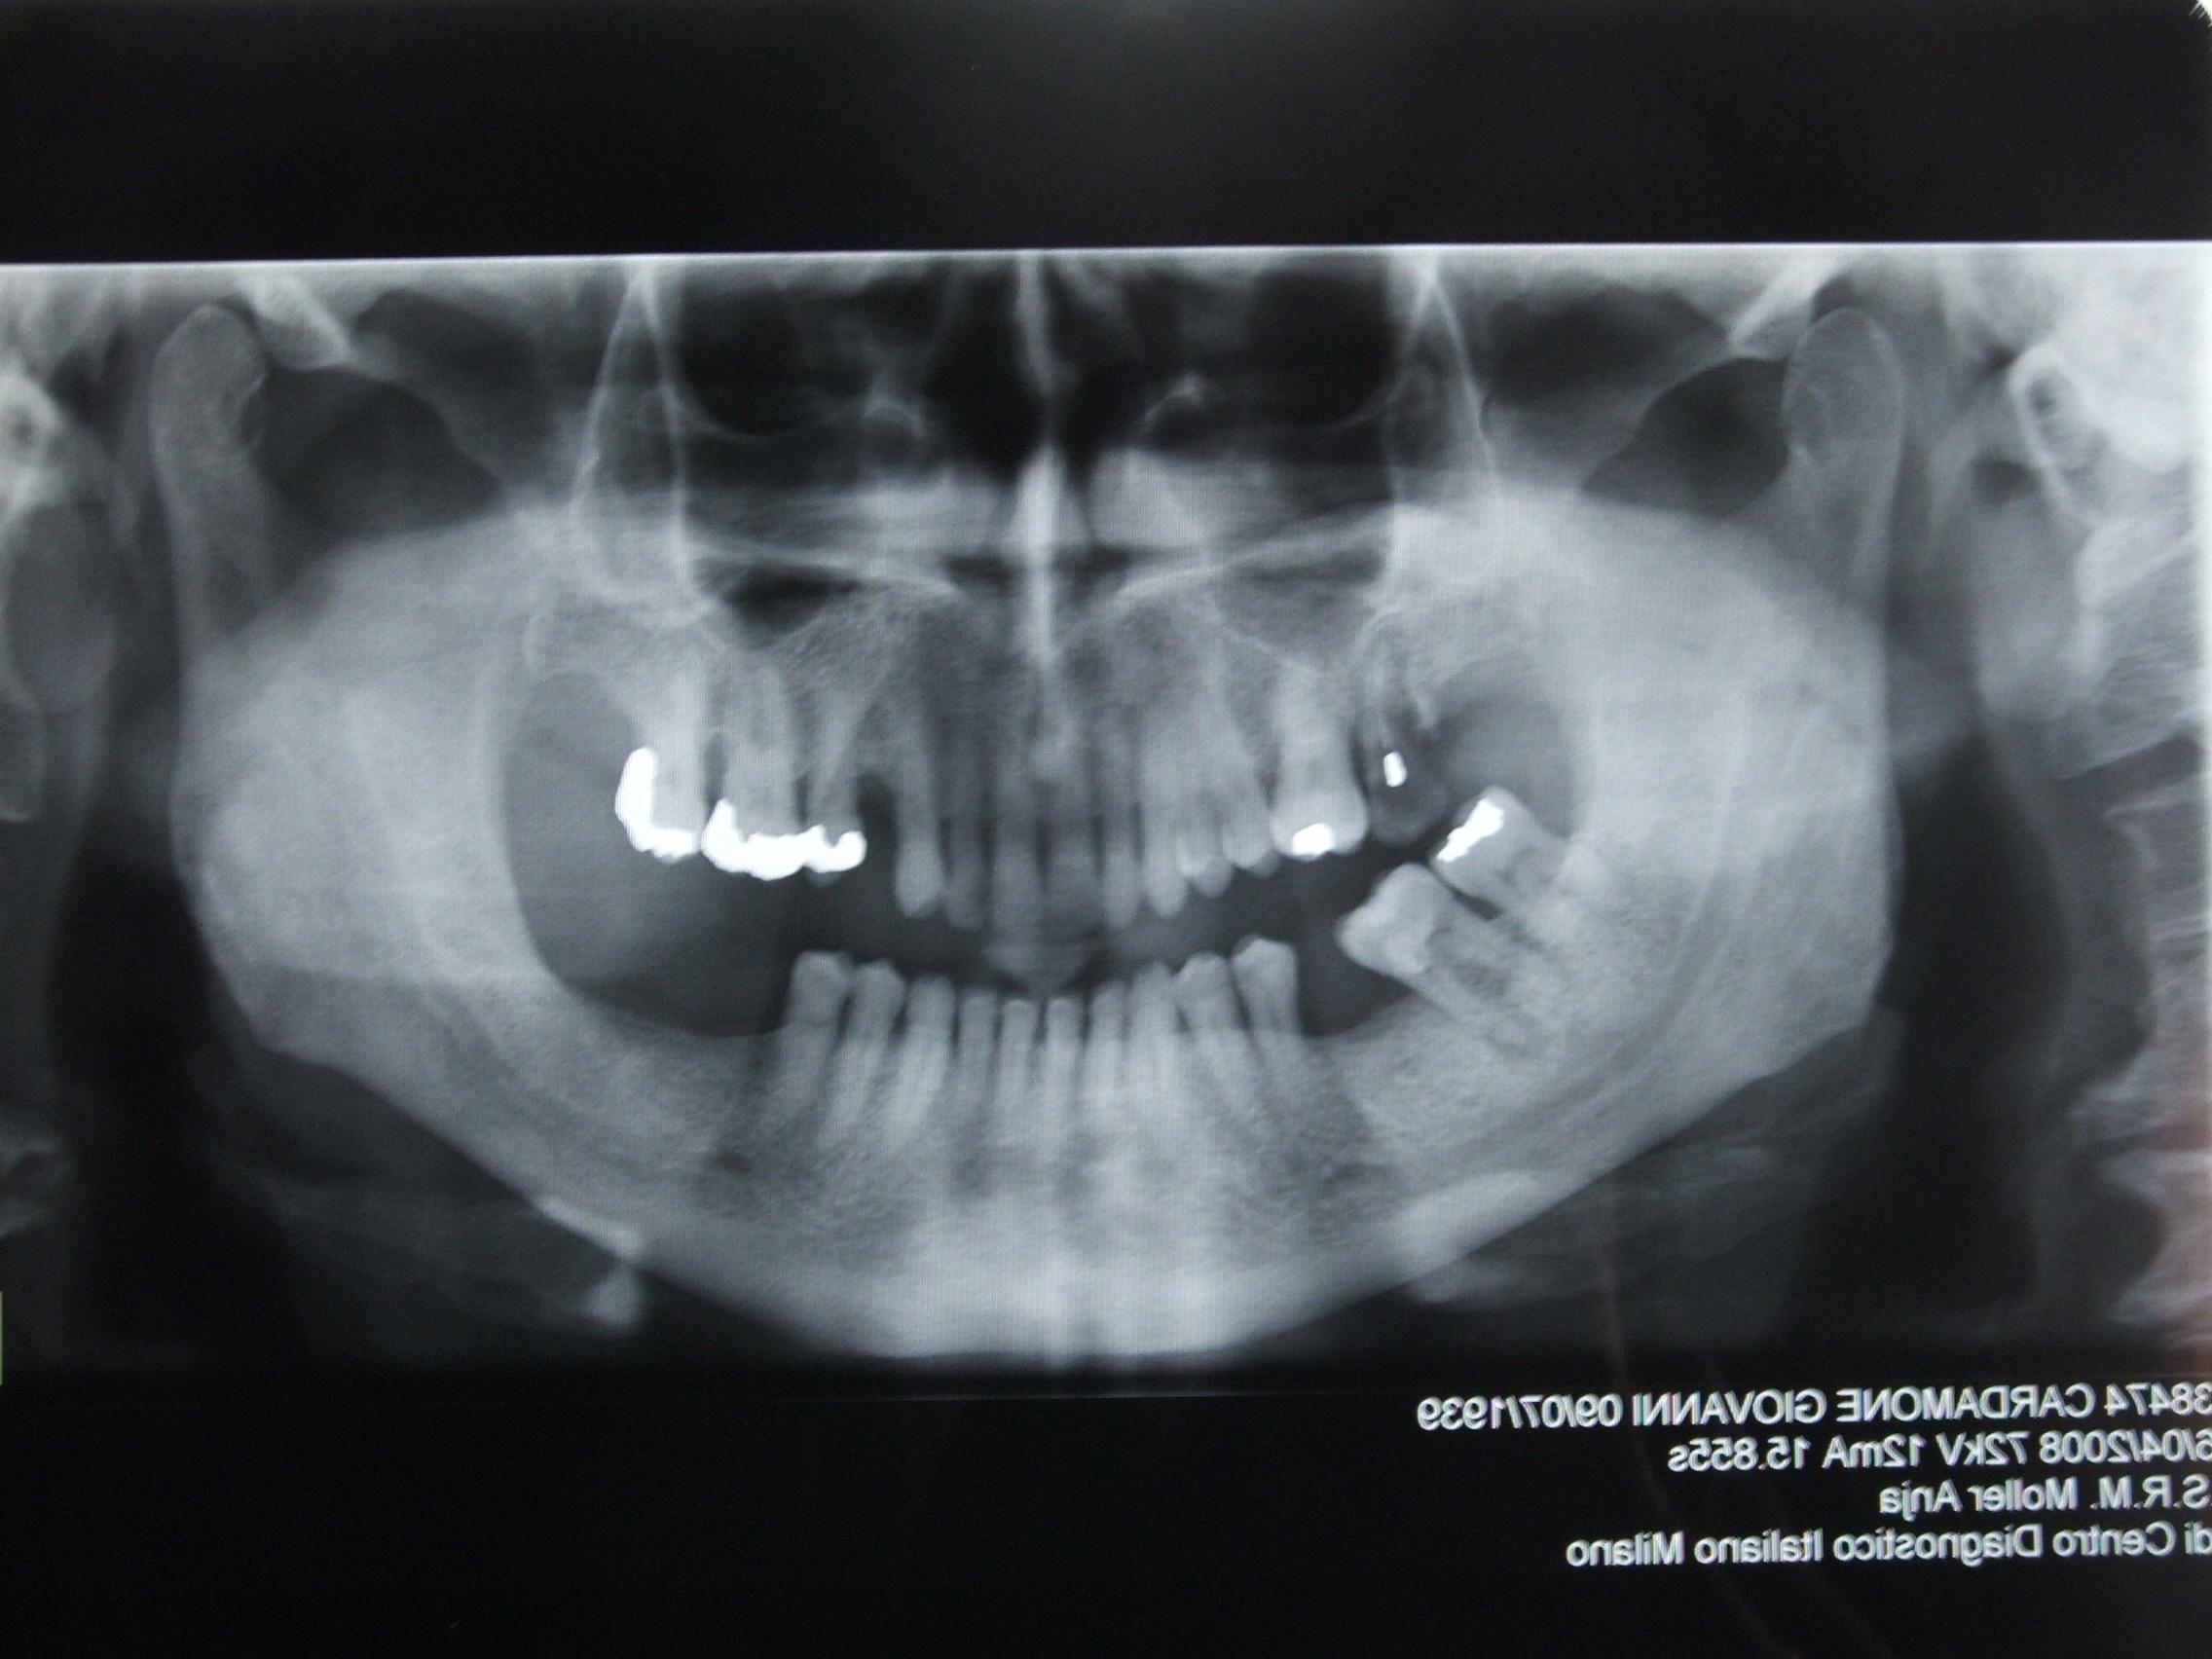 Seguito domanda del 19/01/2009: Sono cardiopatico in terapia farmacologica. Ho controindicazioni all'implantologia?